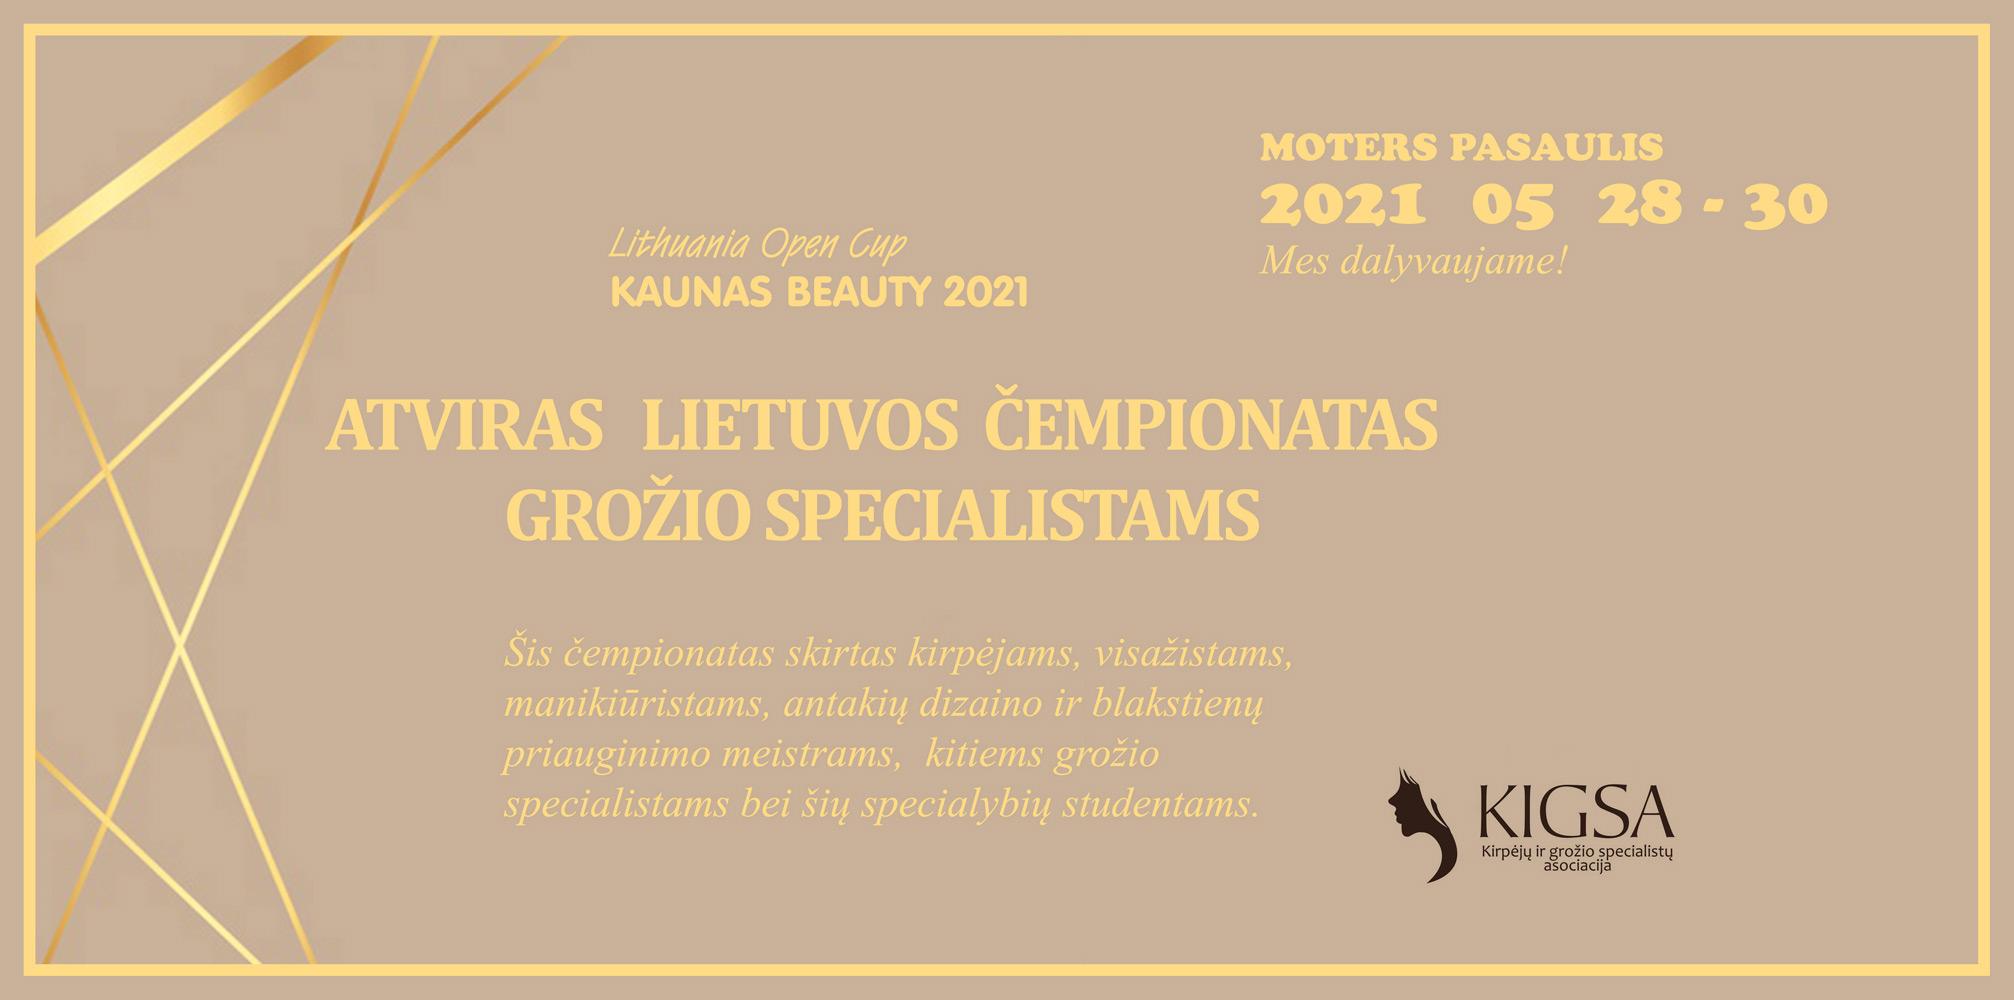 ATVIRAS LIETUVOS ČEMPIONATAS KAUNAS BEAUTY 2021